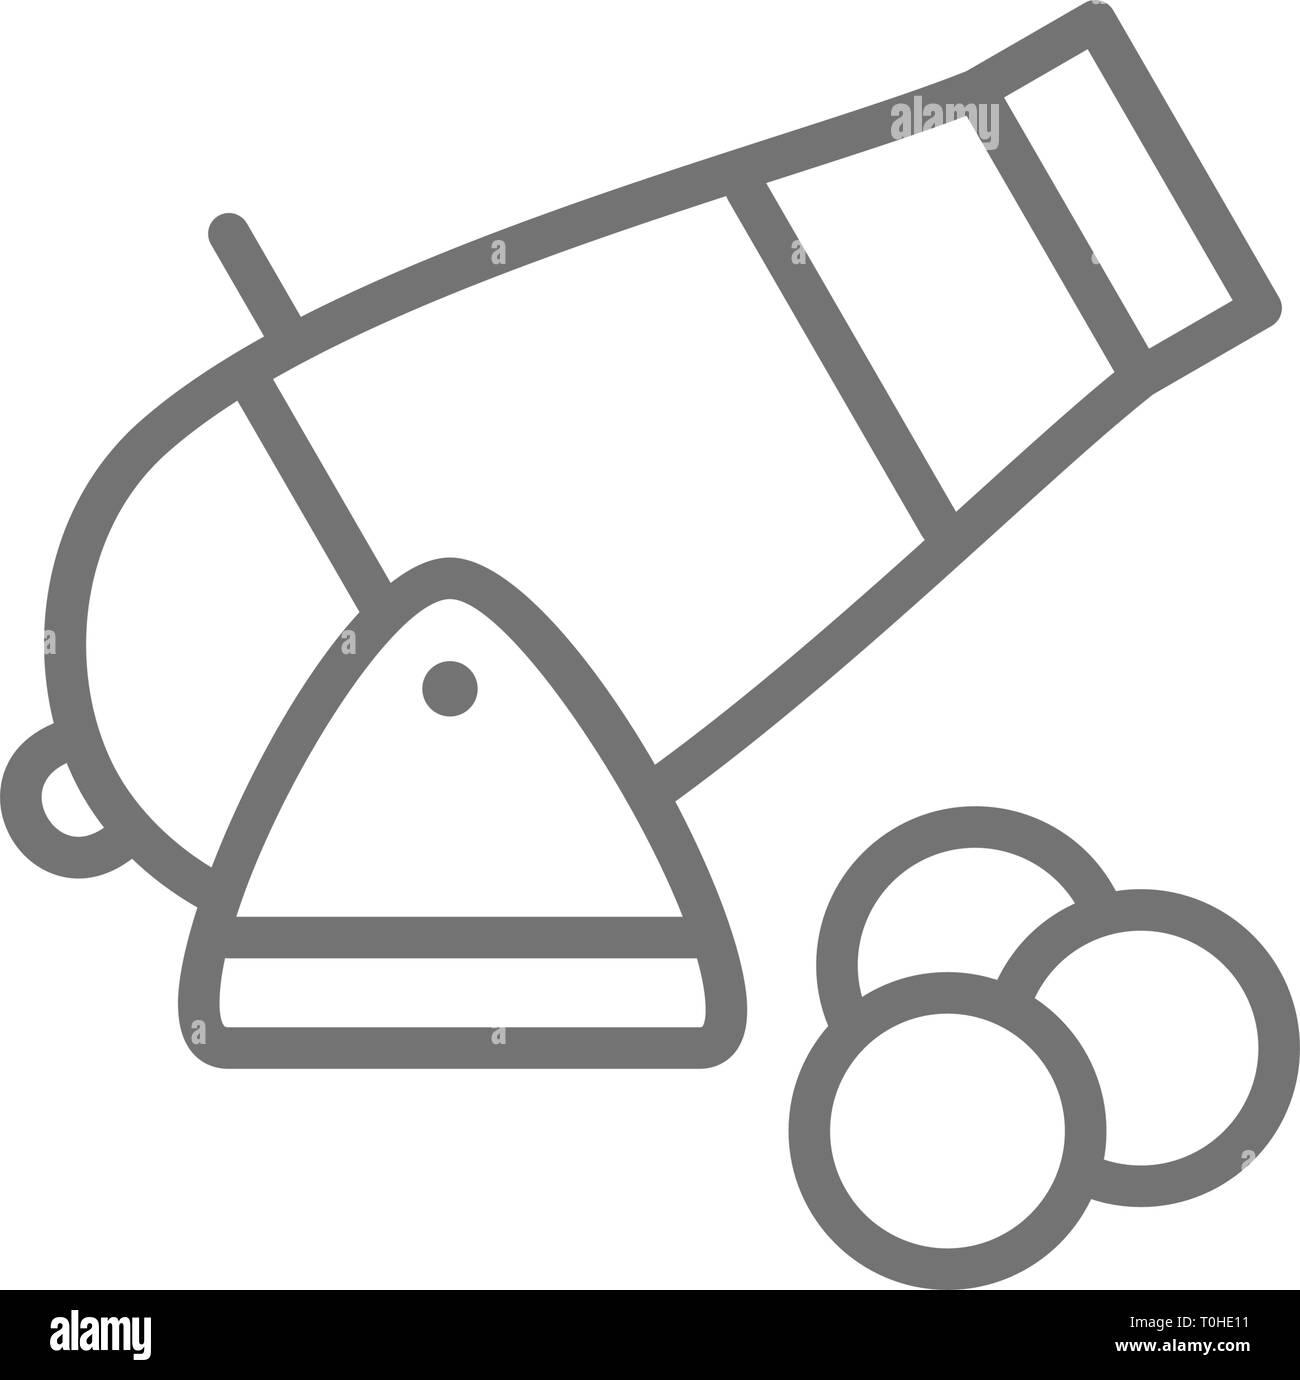 Cannon, artillery gun, antique weapon line icon. - Stock Vector